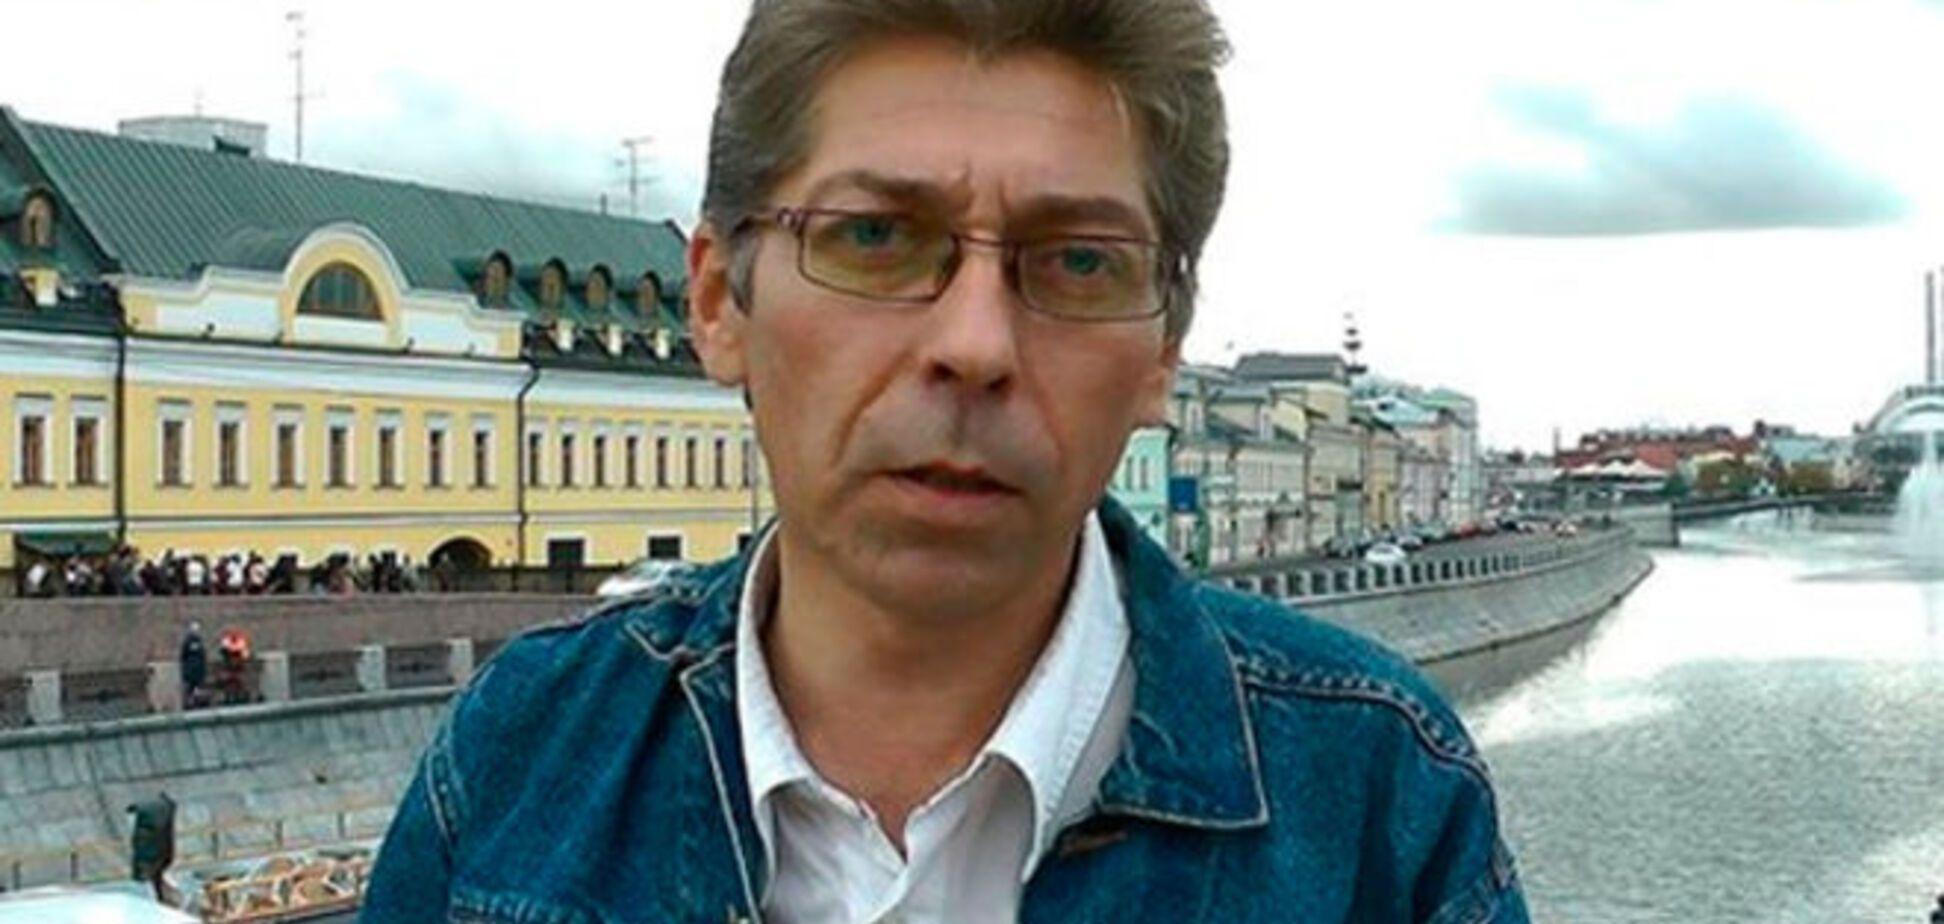 Сотник: збіг 'прямої лінії' Путіна і вбивств в Києві - нехороший симптом